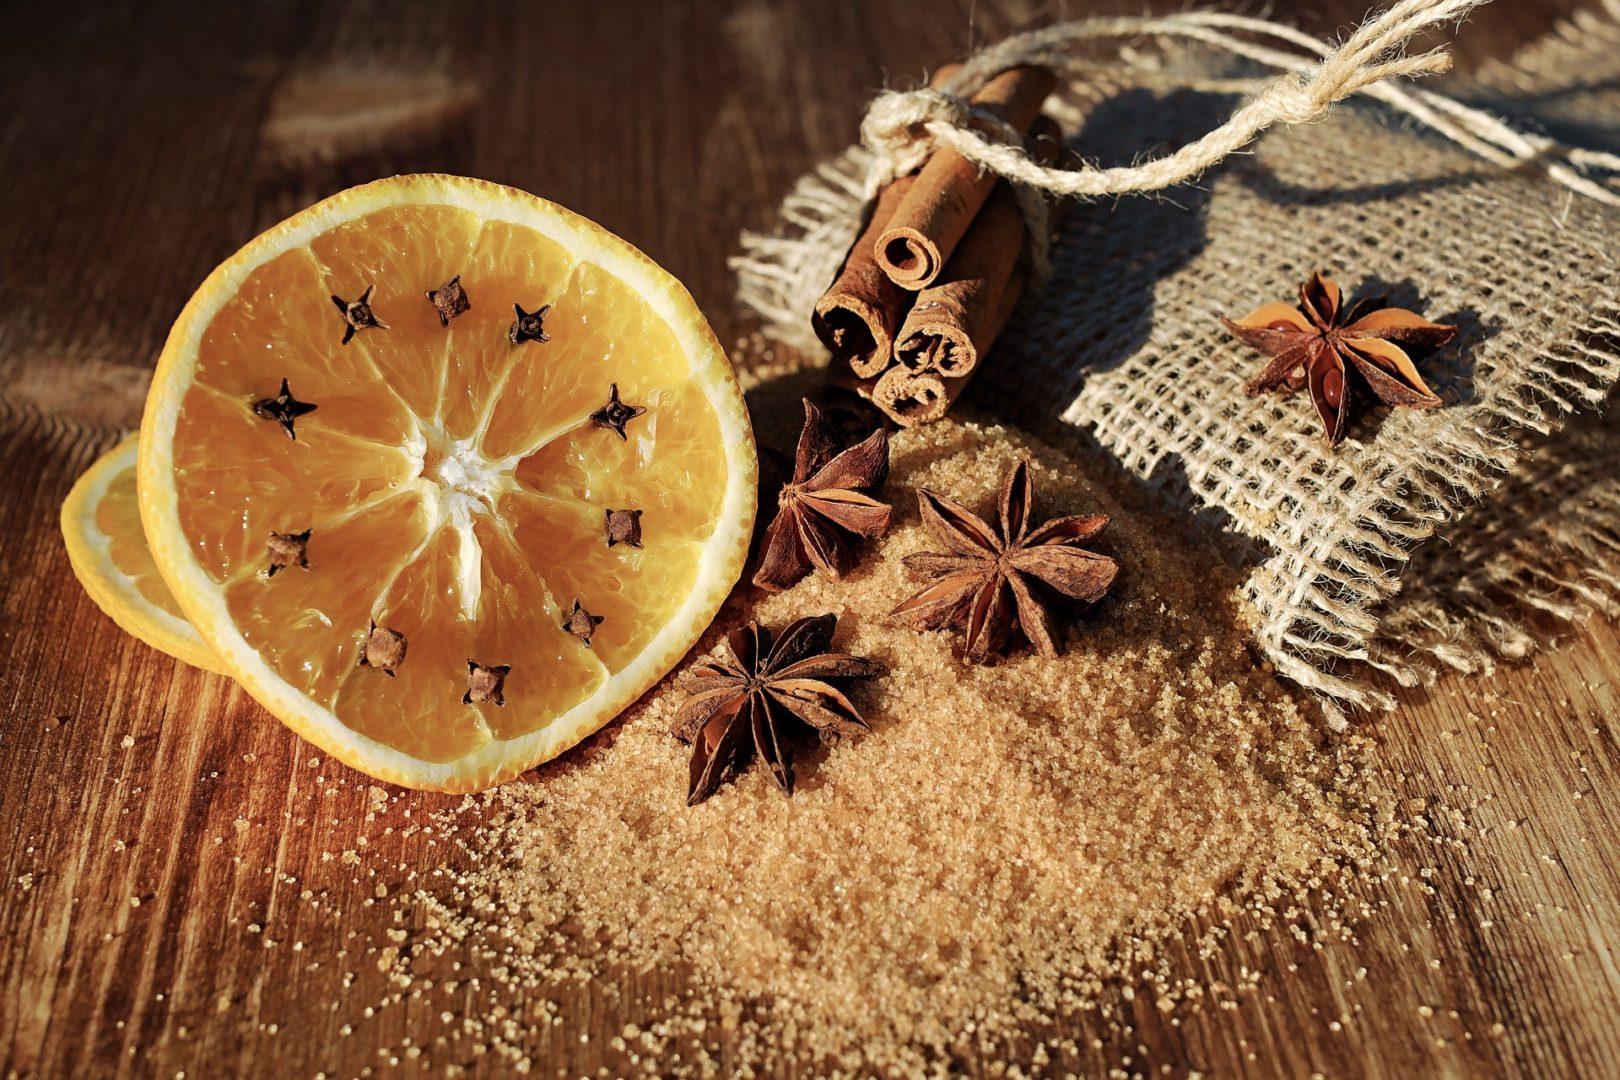 Glühwein Zutaten heute: Orange, Zimt, Sternanis, Zucker